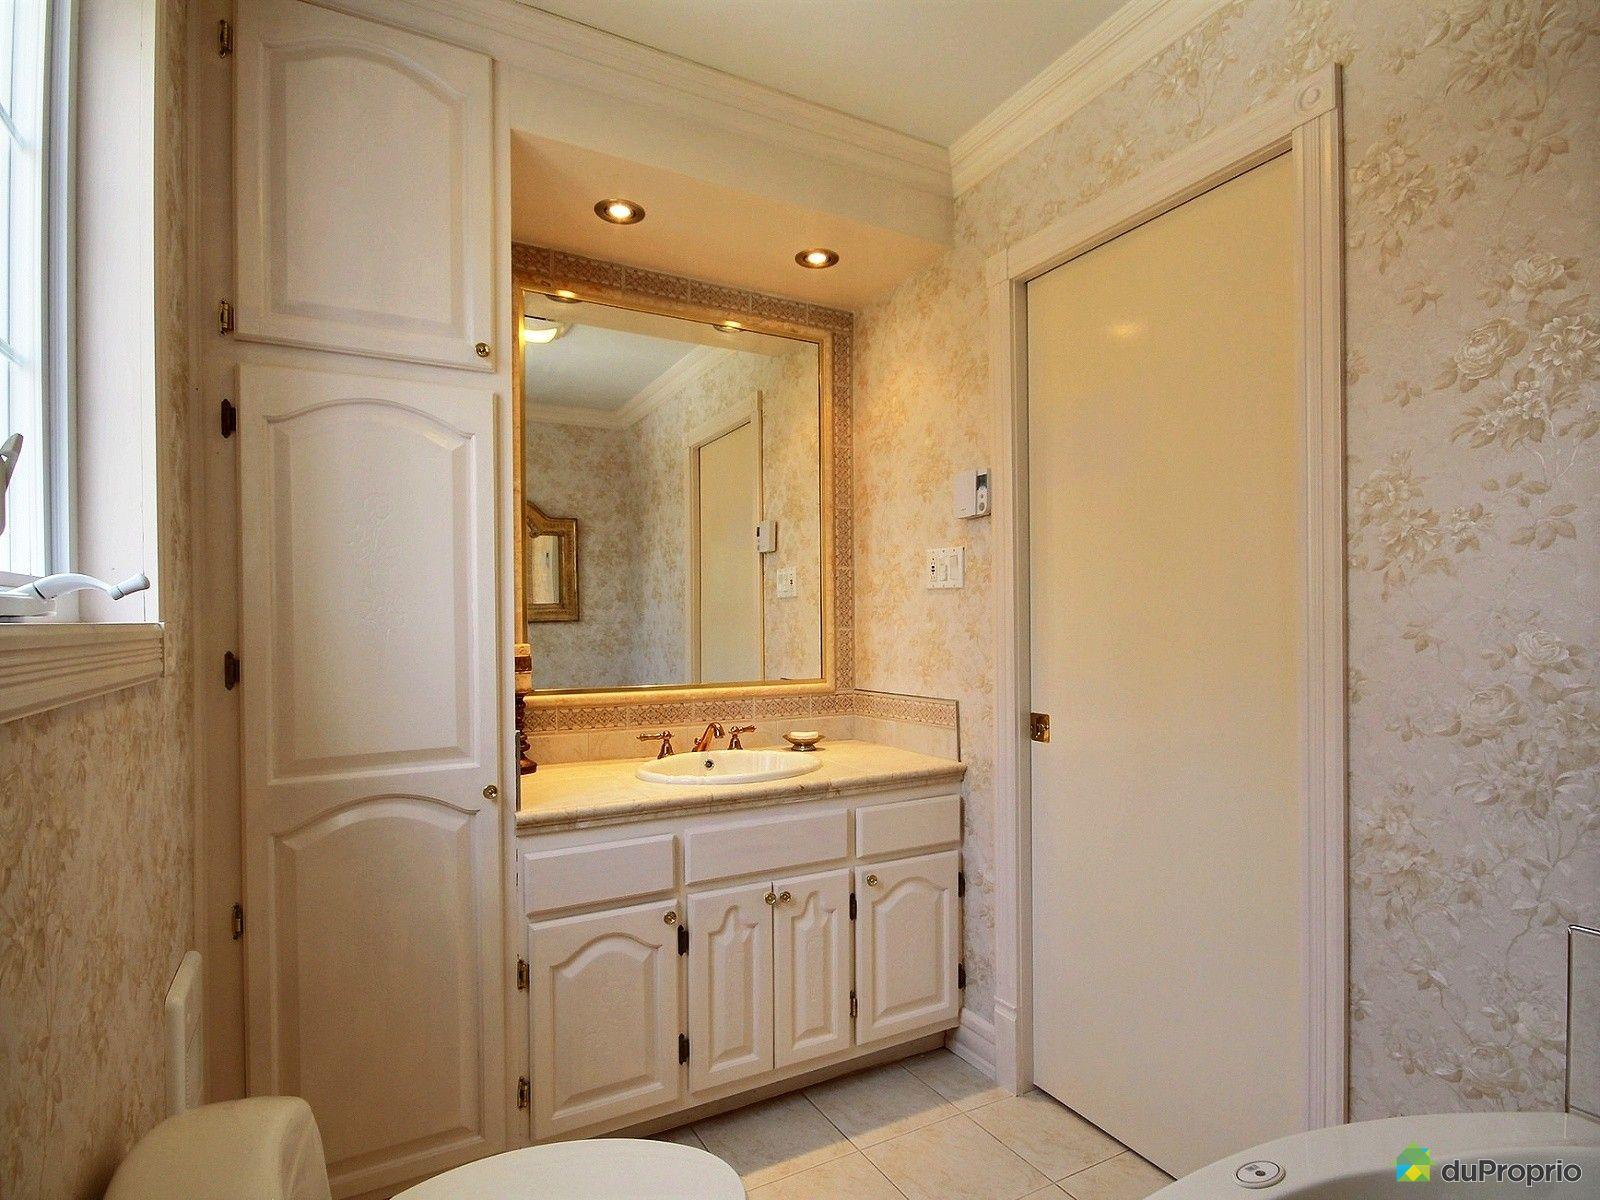 Maison vendre st j r me 2112 boulevard du roi charles for Accessoire salle de bain st jerome